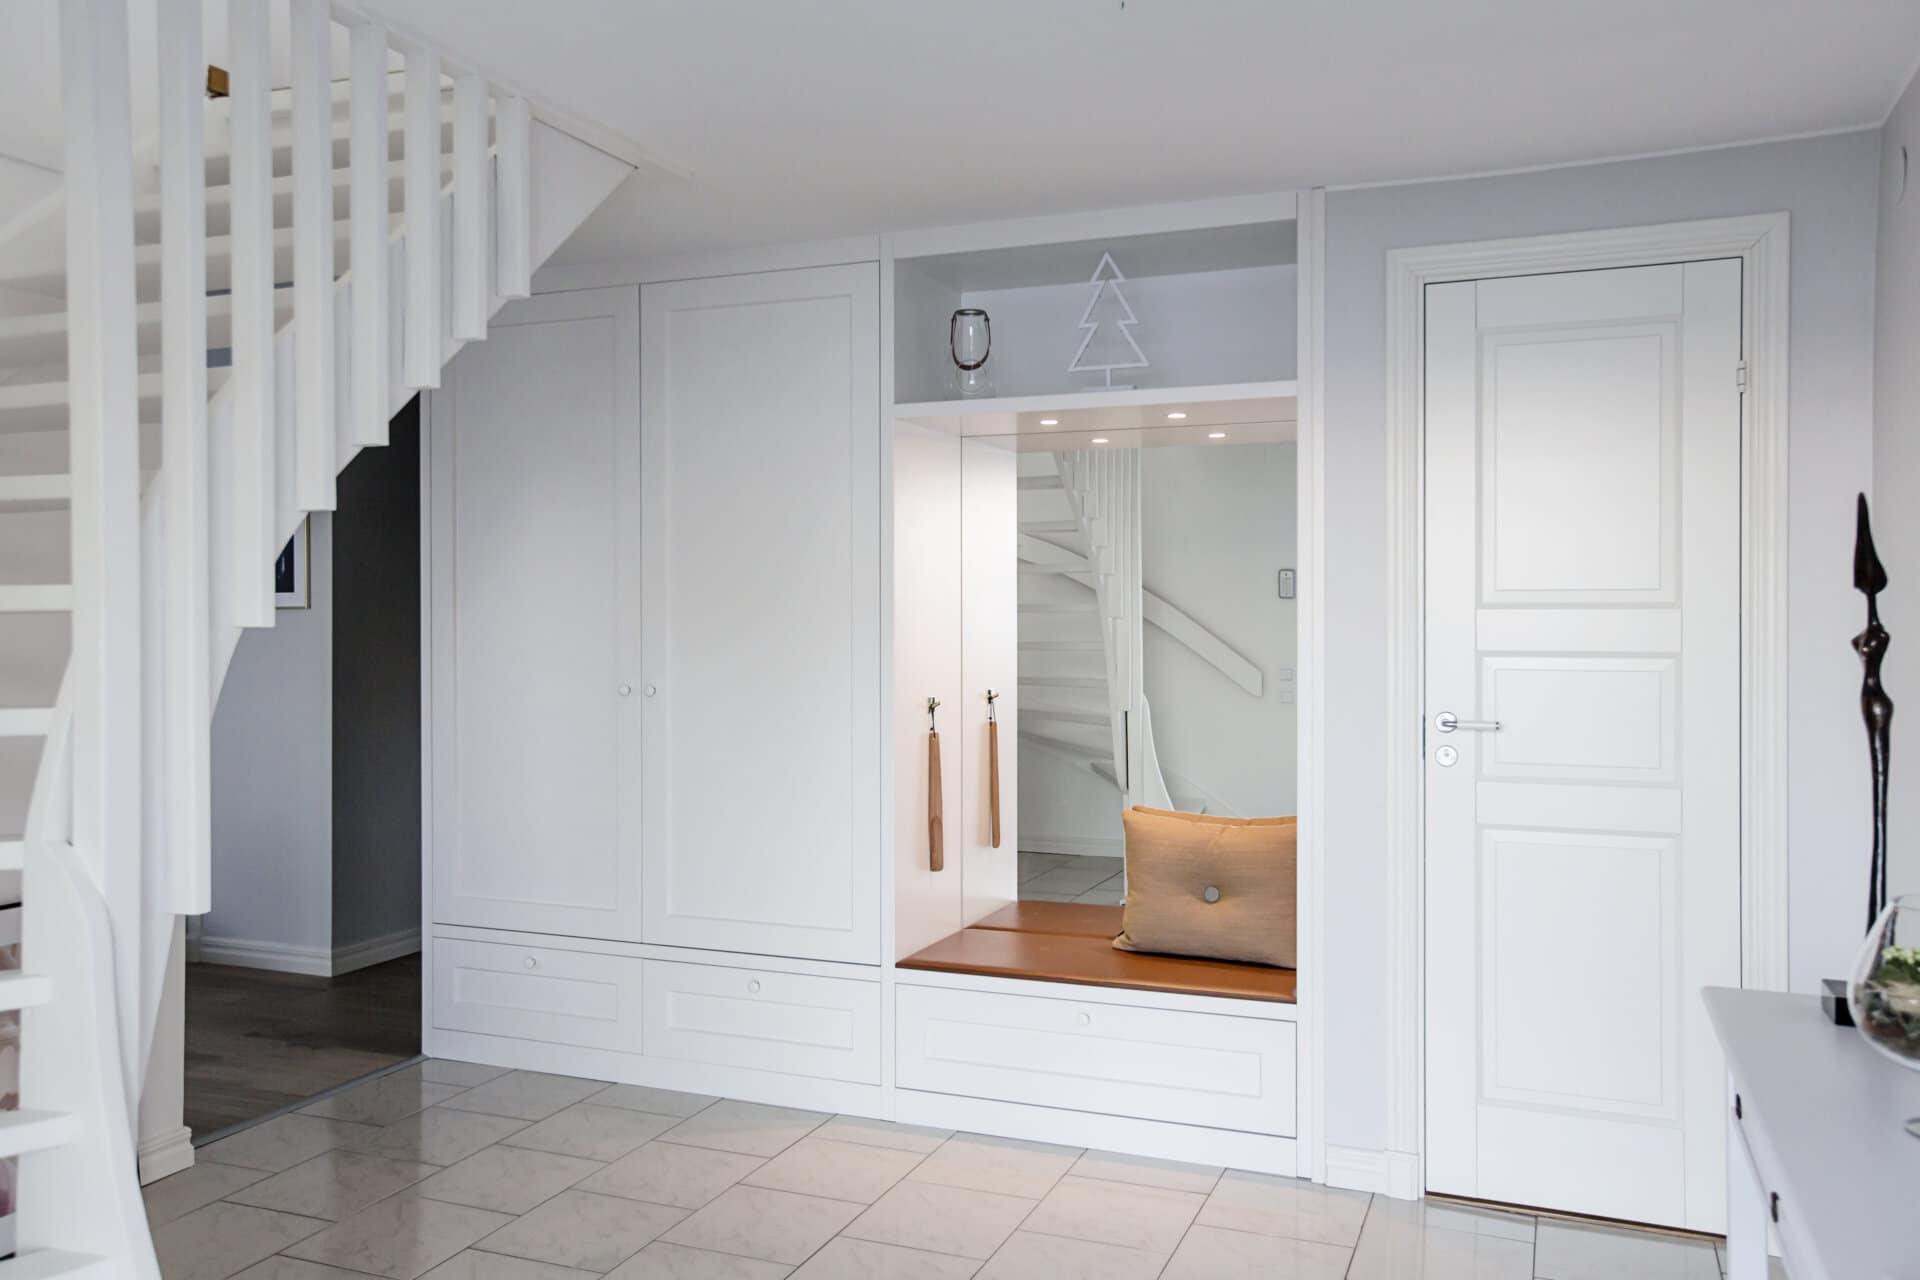 platsbyggd garderober hallförvaring ramlucka nyklassisk